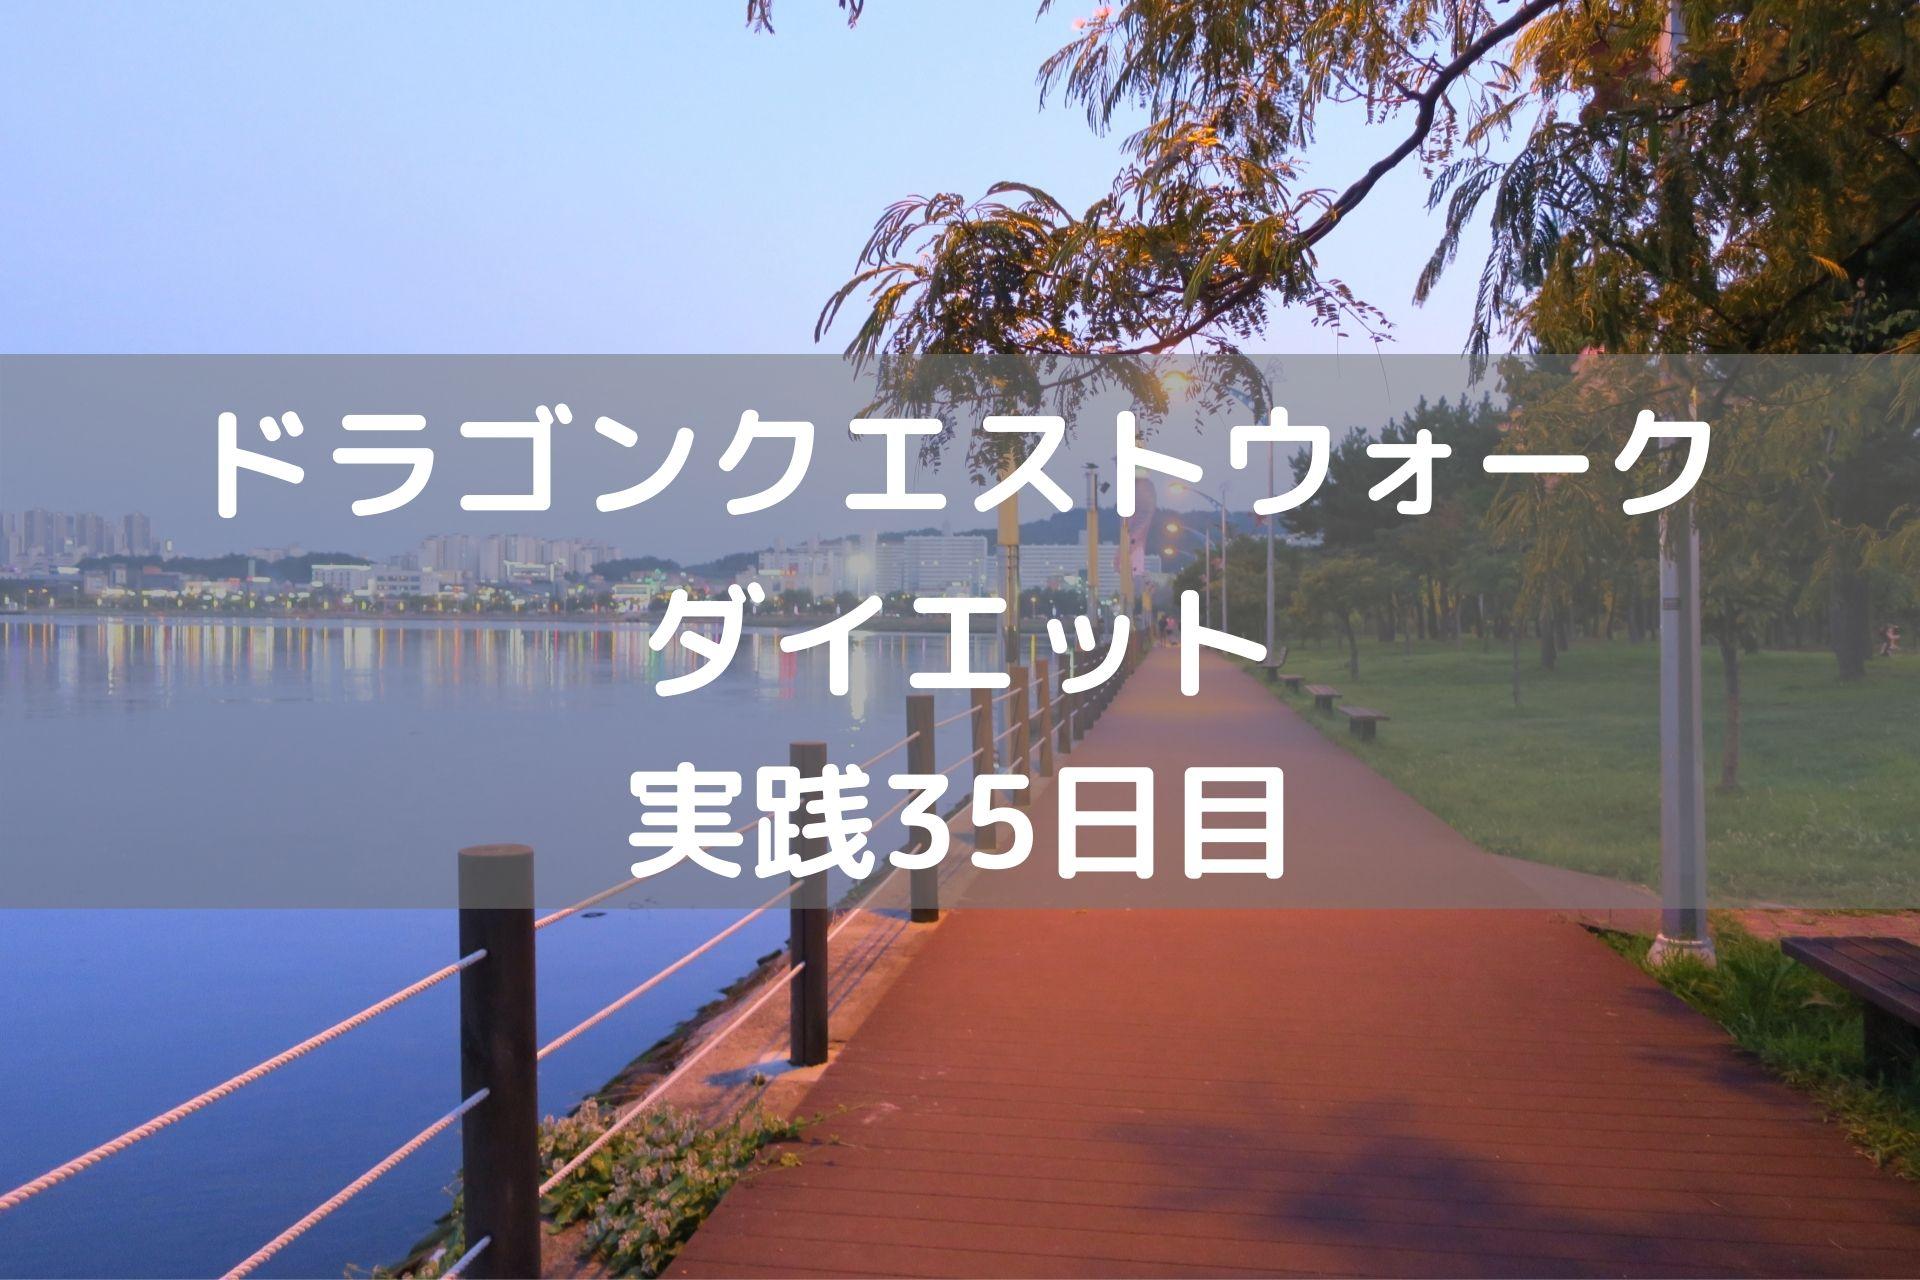 公園でプレイすると迷子状態に・・・ 【DQウォーク実践35日目】